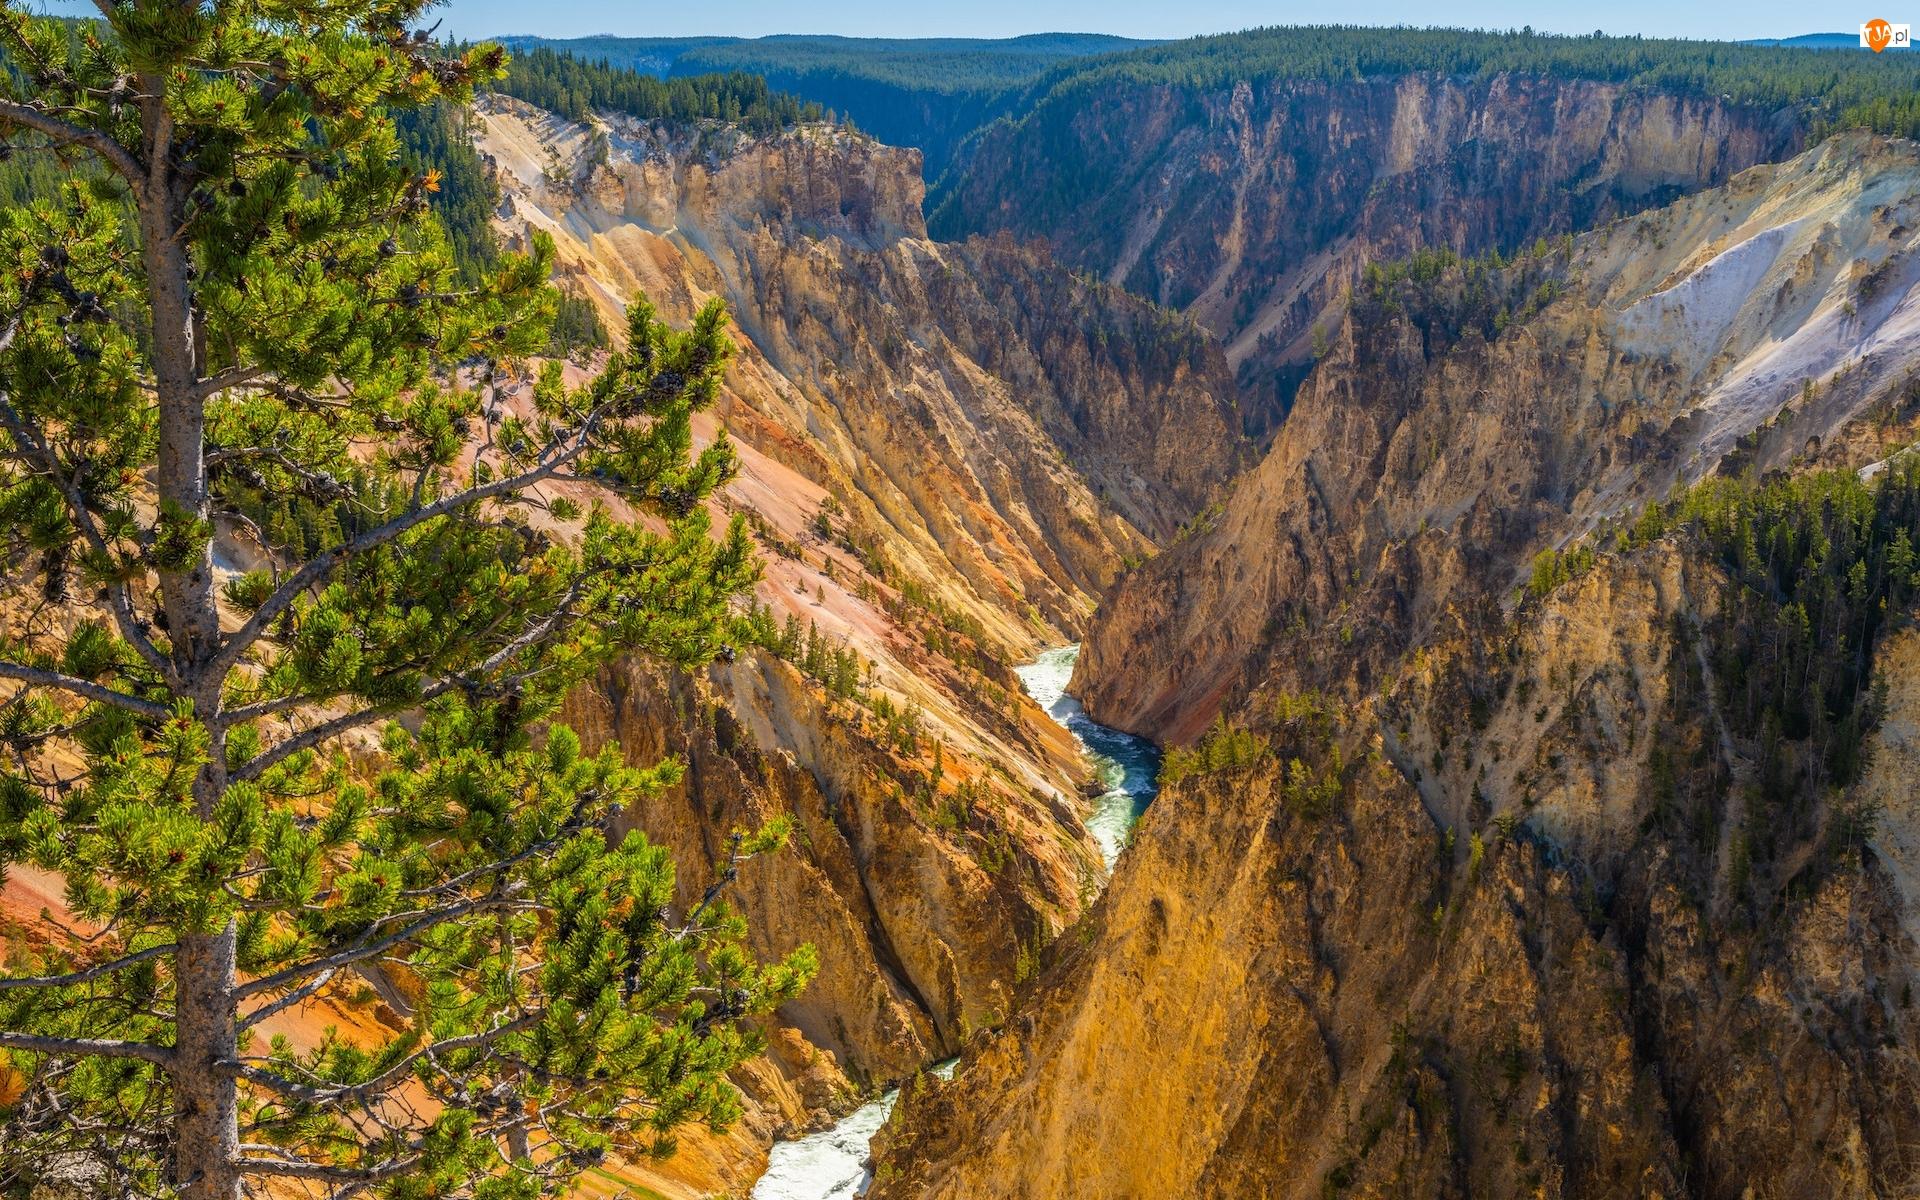 Stany Zjednoczone, Wąwóz, Stan Wyoming, Drzewo, Park Narodowy Yellowstone, Wielki Kanion Yellowstone, Rzeka, Góry, Yellowstone River